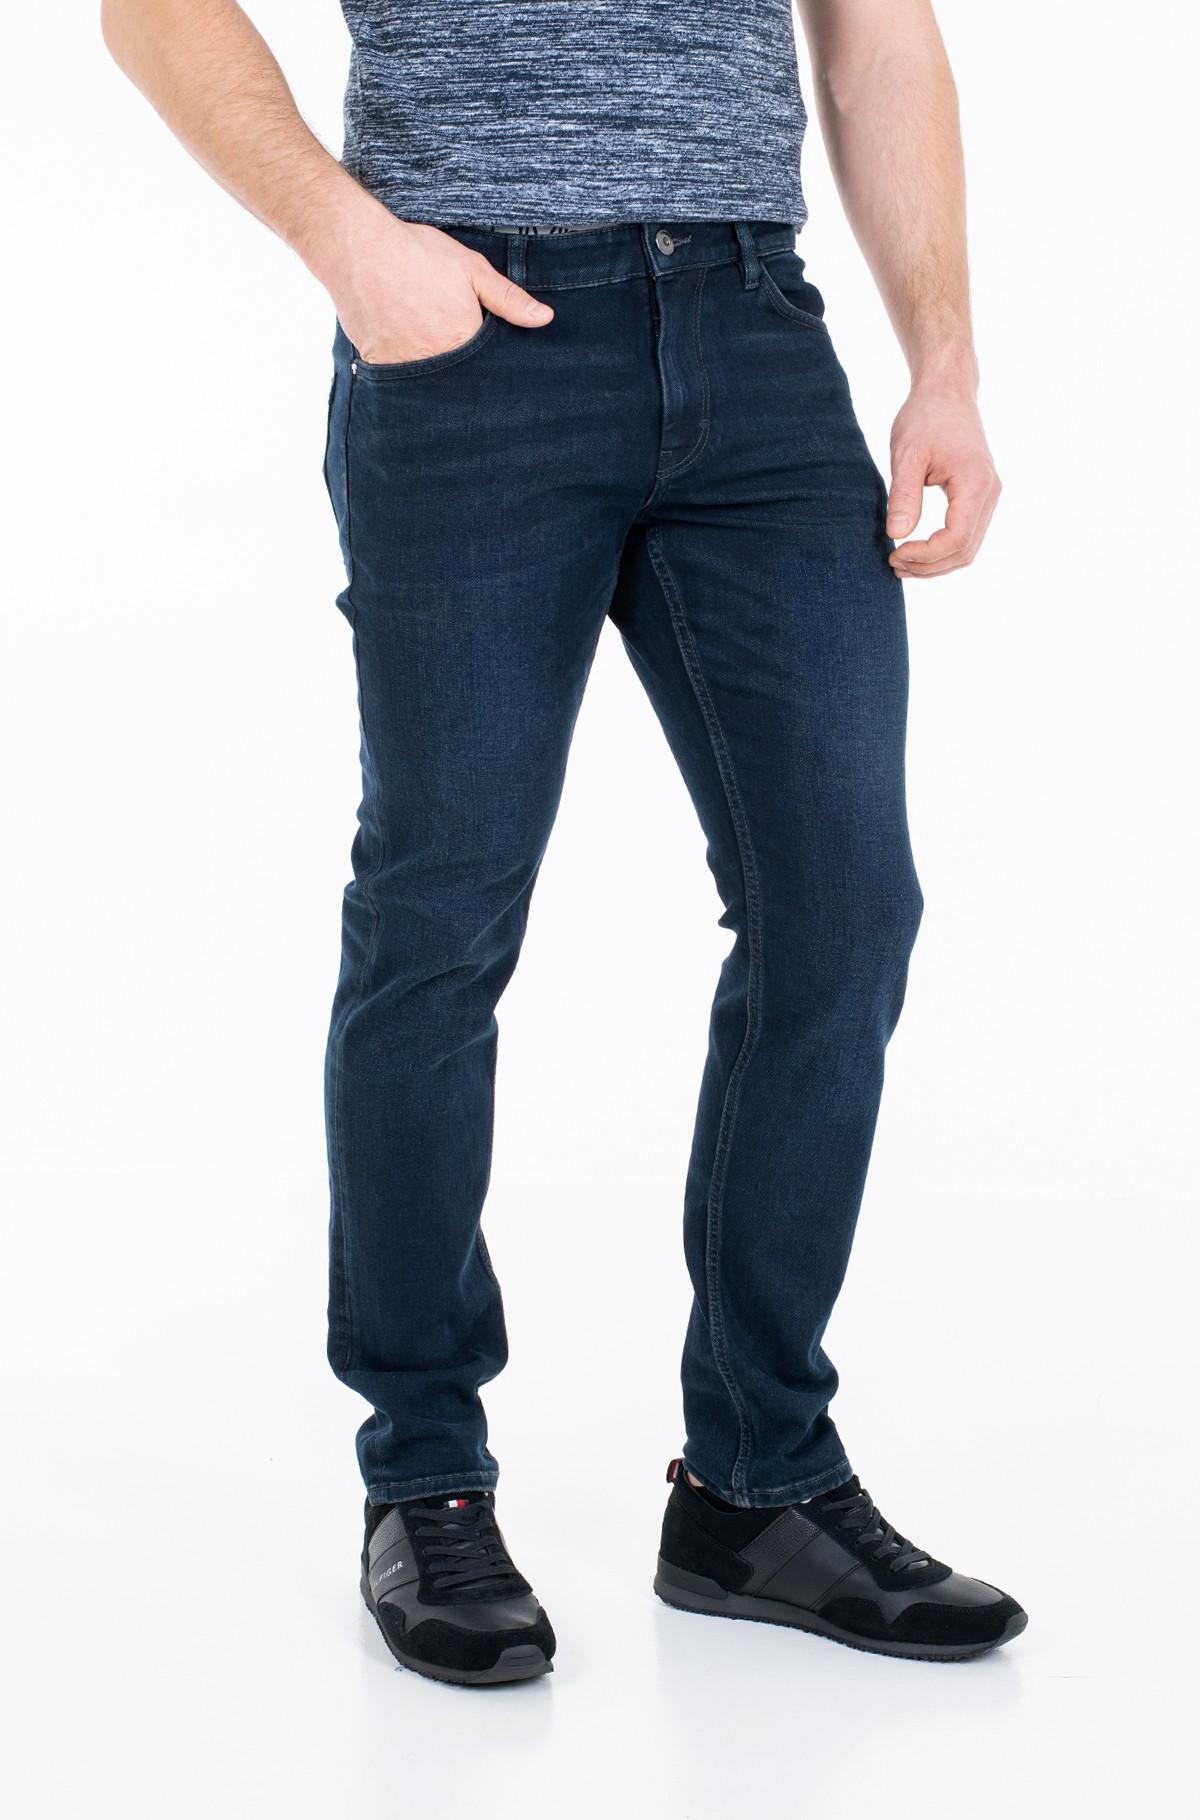 Jeans 1021434-full-1